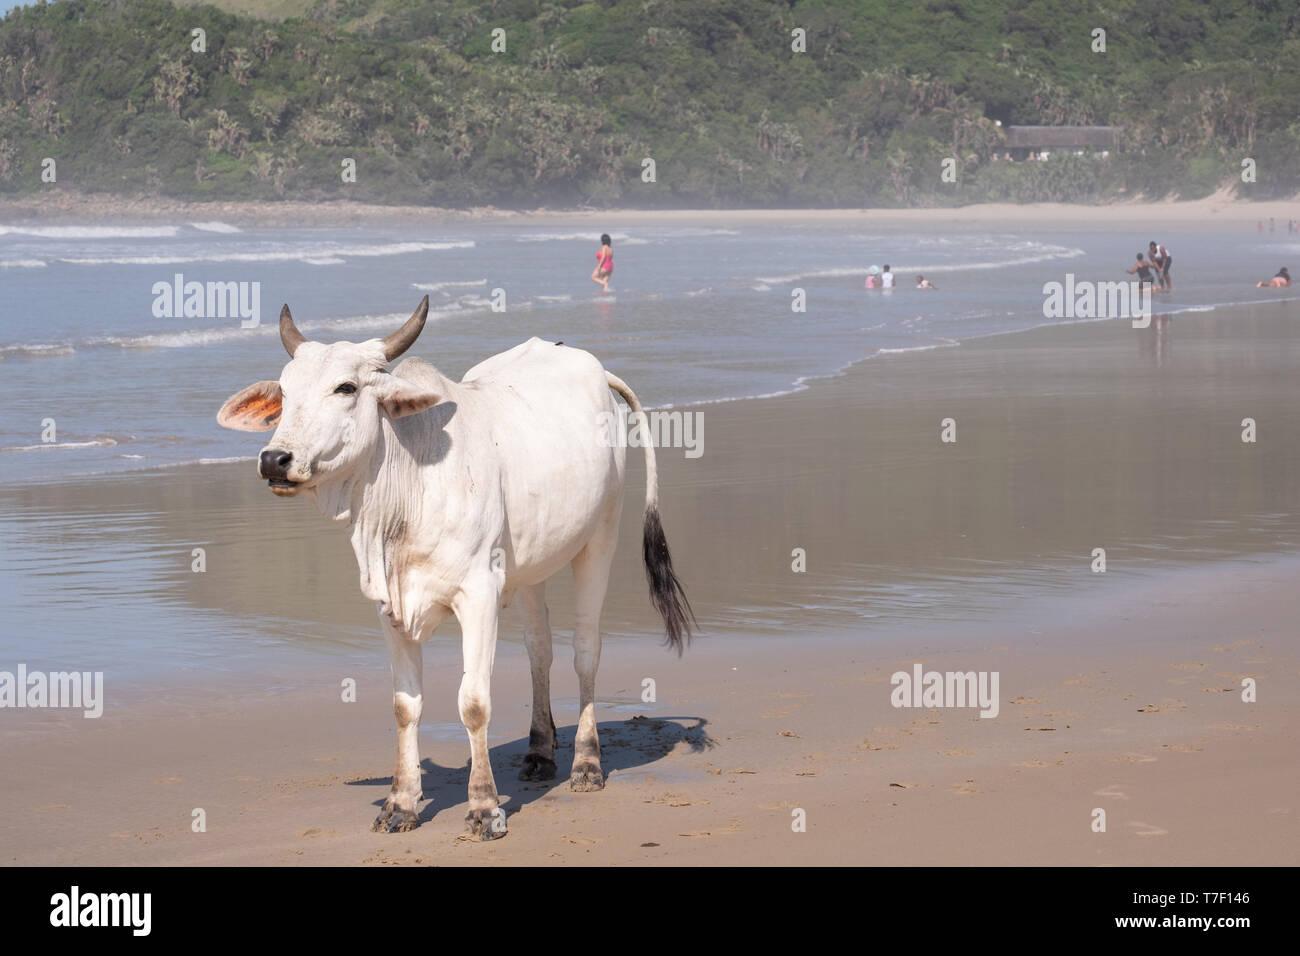 Nguni vacca a seconda spiaggia, Port St Johns sulla costa selvaggia in Transkei, Sud Africa. Persone wim in mare in lontananza. Immagini Stock